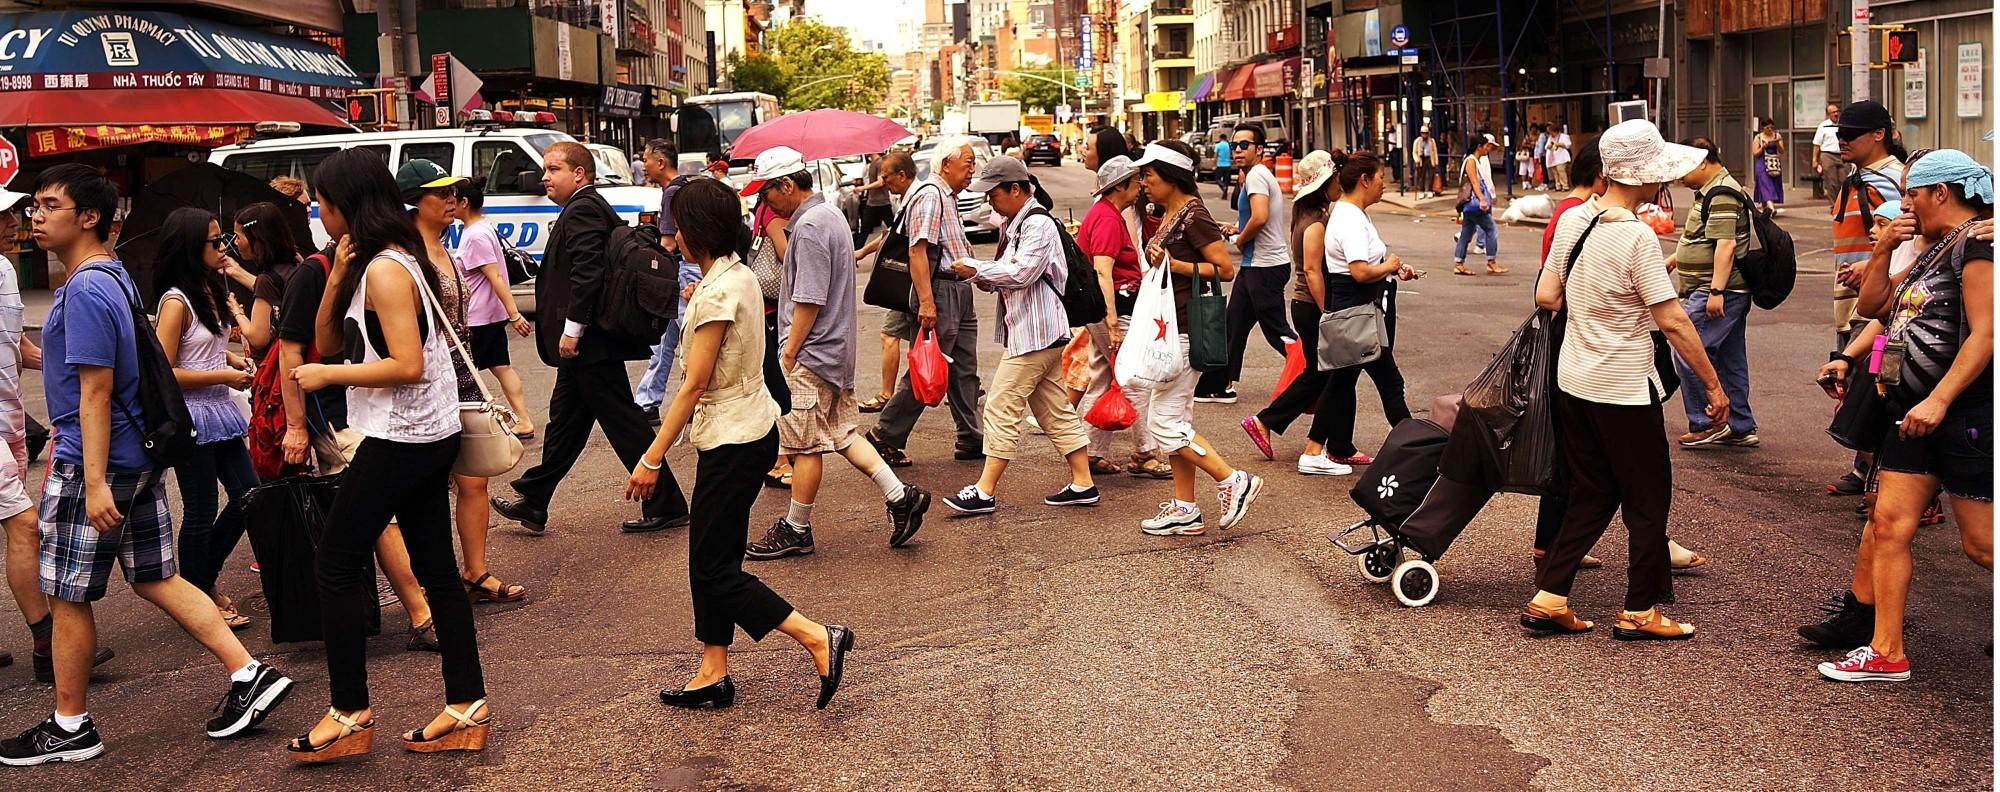 Pedestrians in New York's Chinatown. Photo: AFP